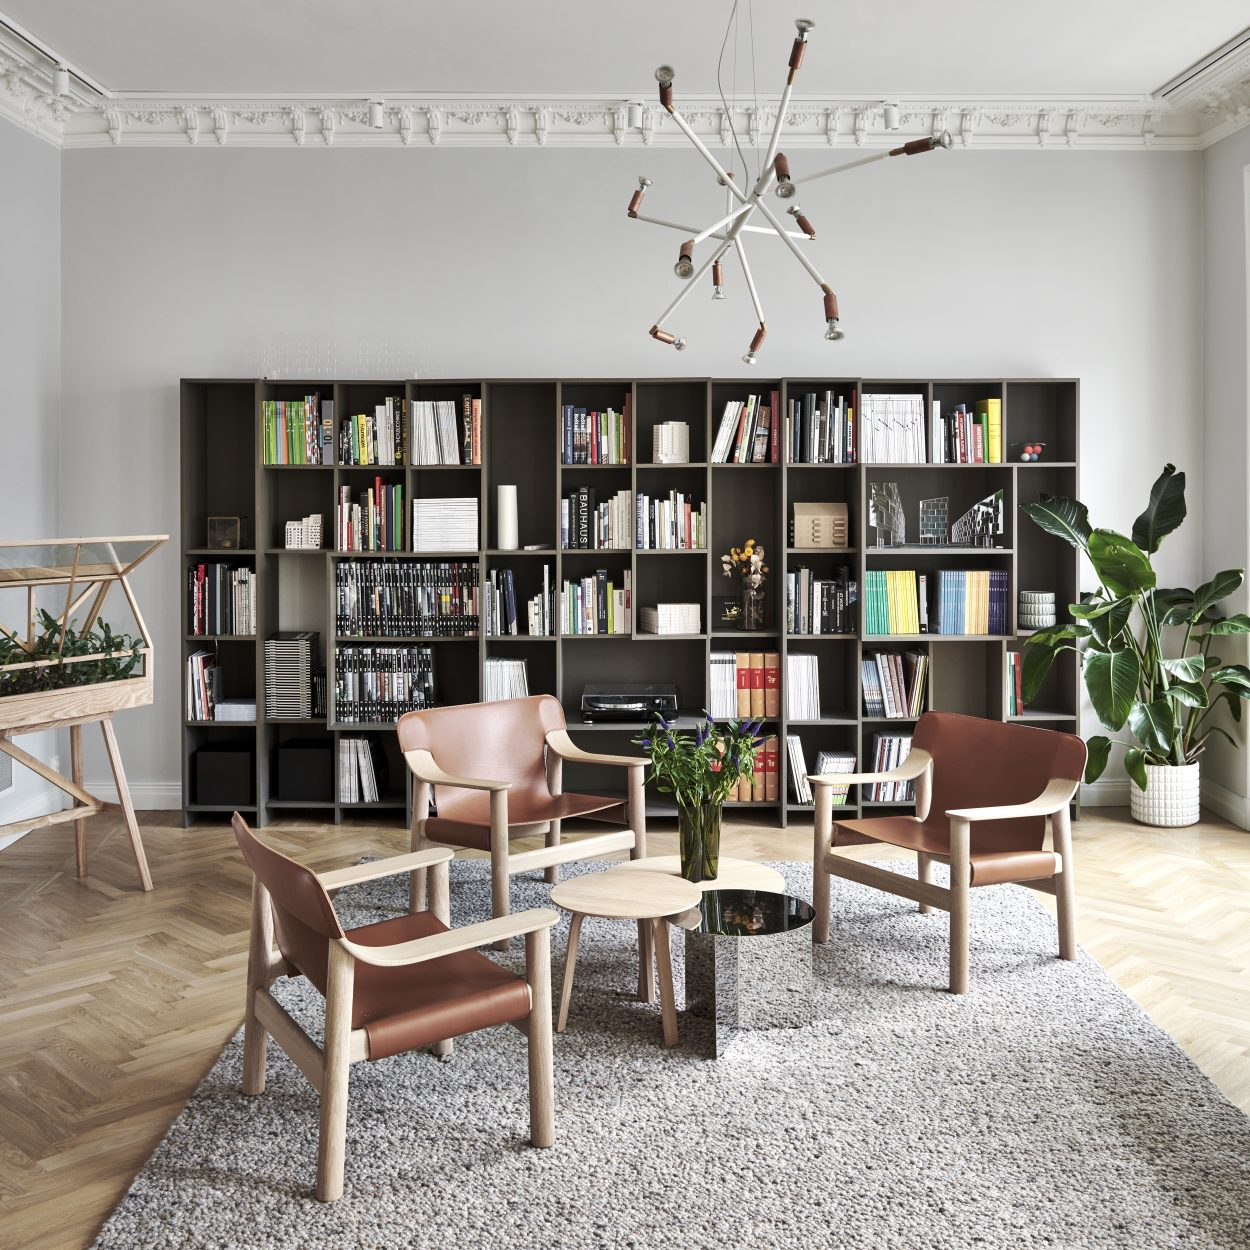 Semrén & Månssons Stockholmskontor